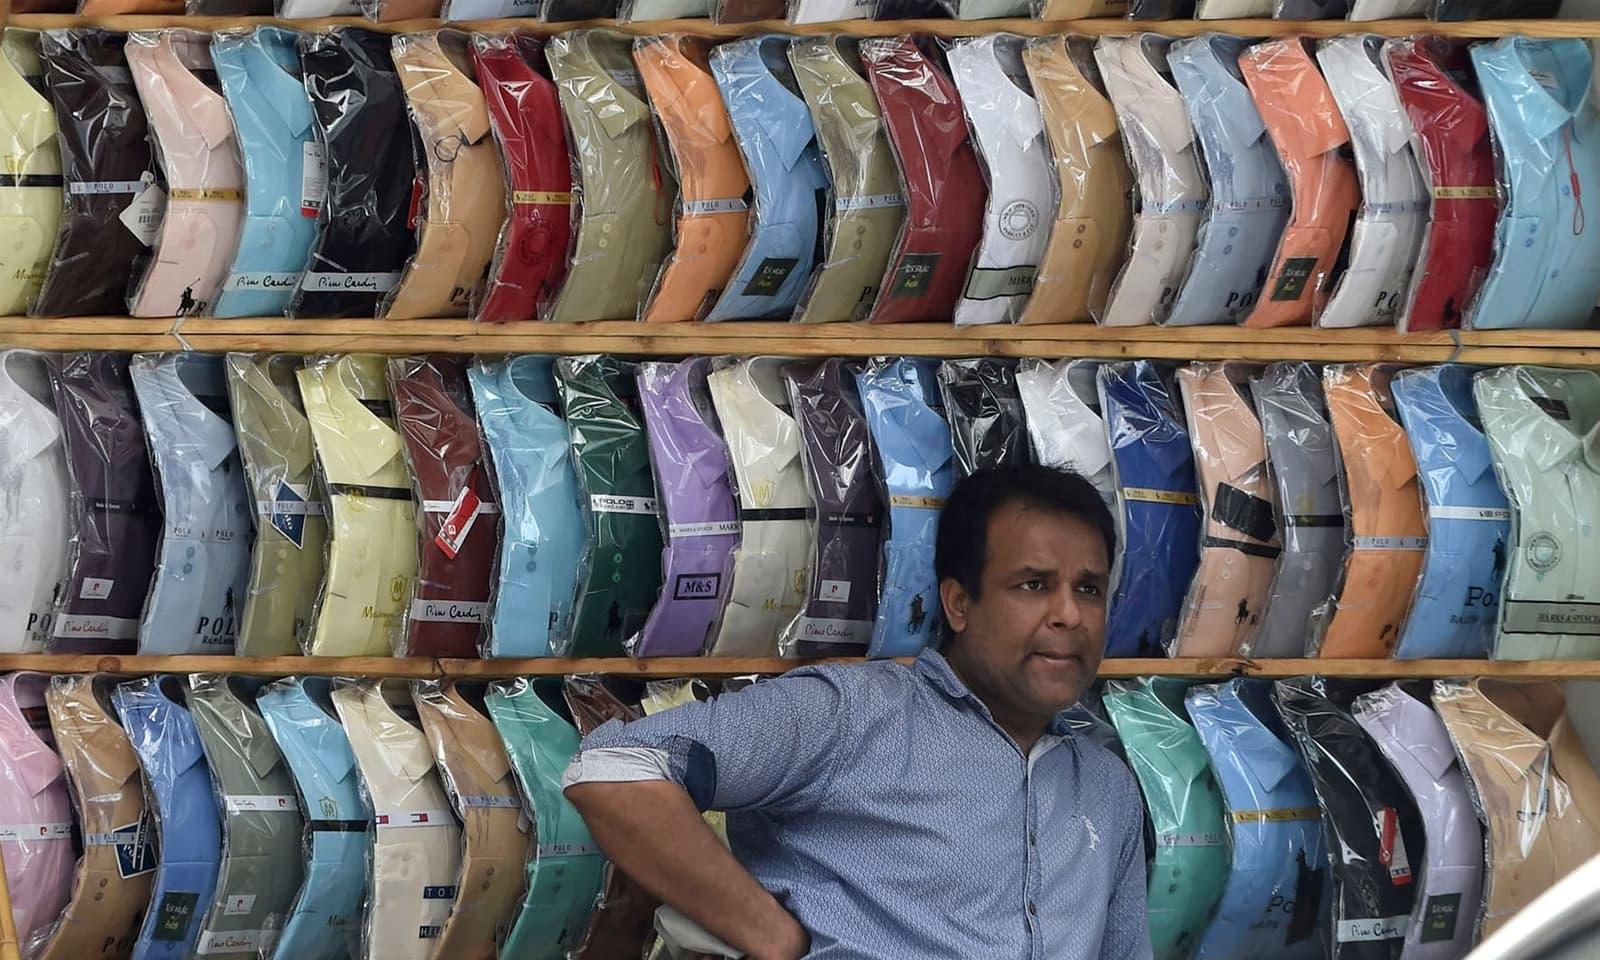 لاہور میں دکاندار لاک ڈاؤن کے بعد دکان پر گاہکوں کا منتظر ہے— فوٹو: اے ایف پی